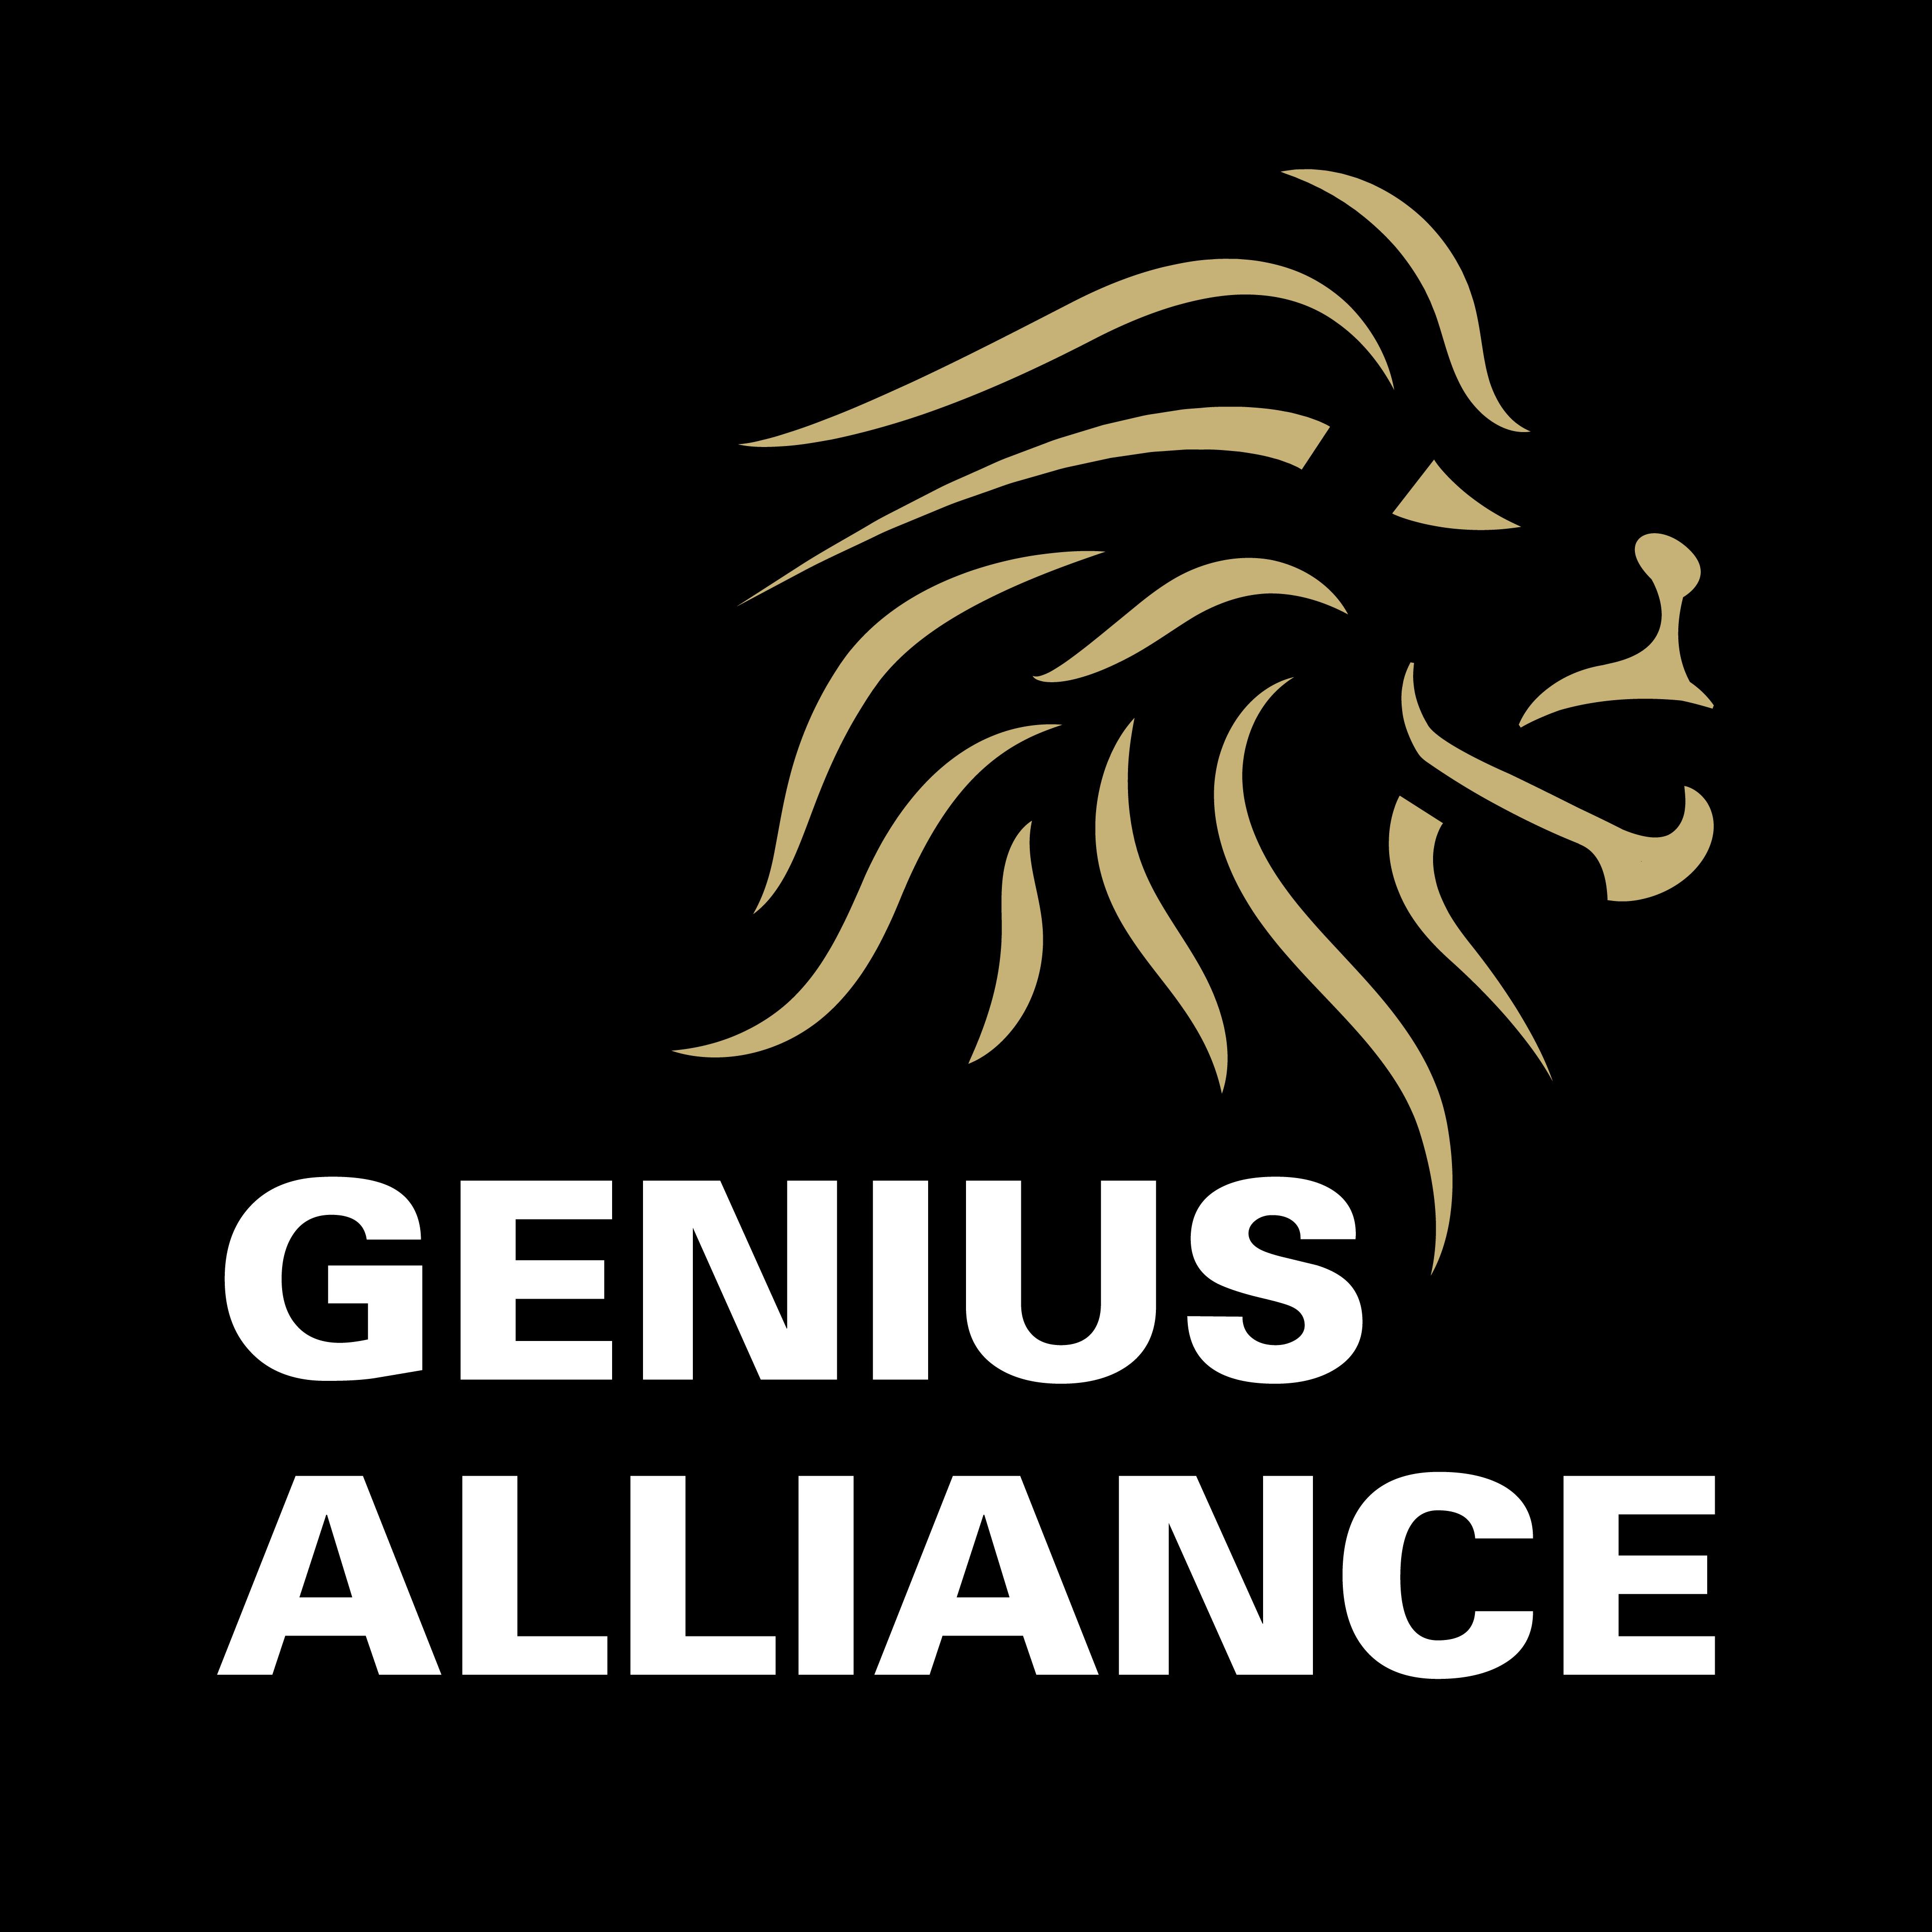 GENIUS ALLIANCE